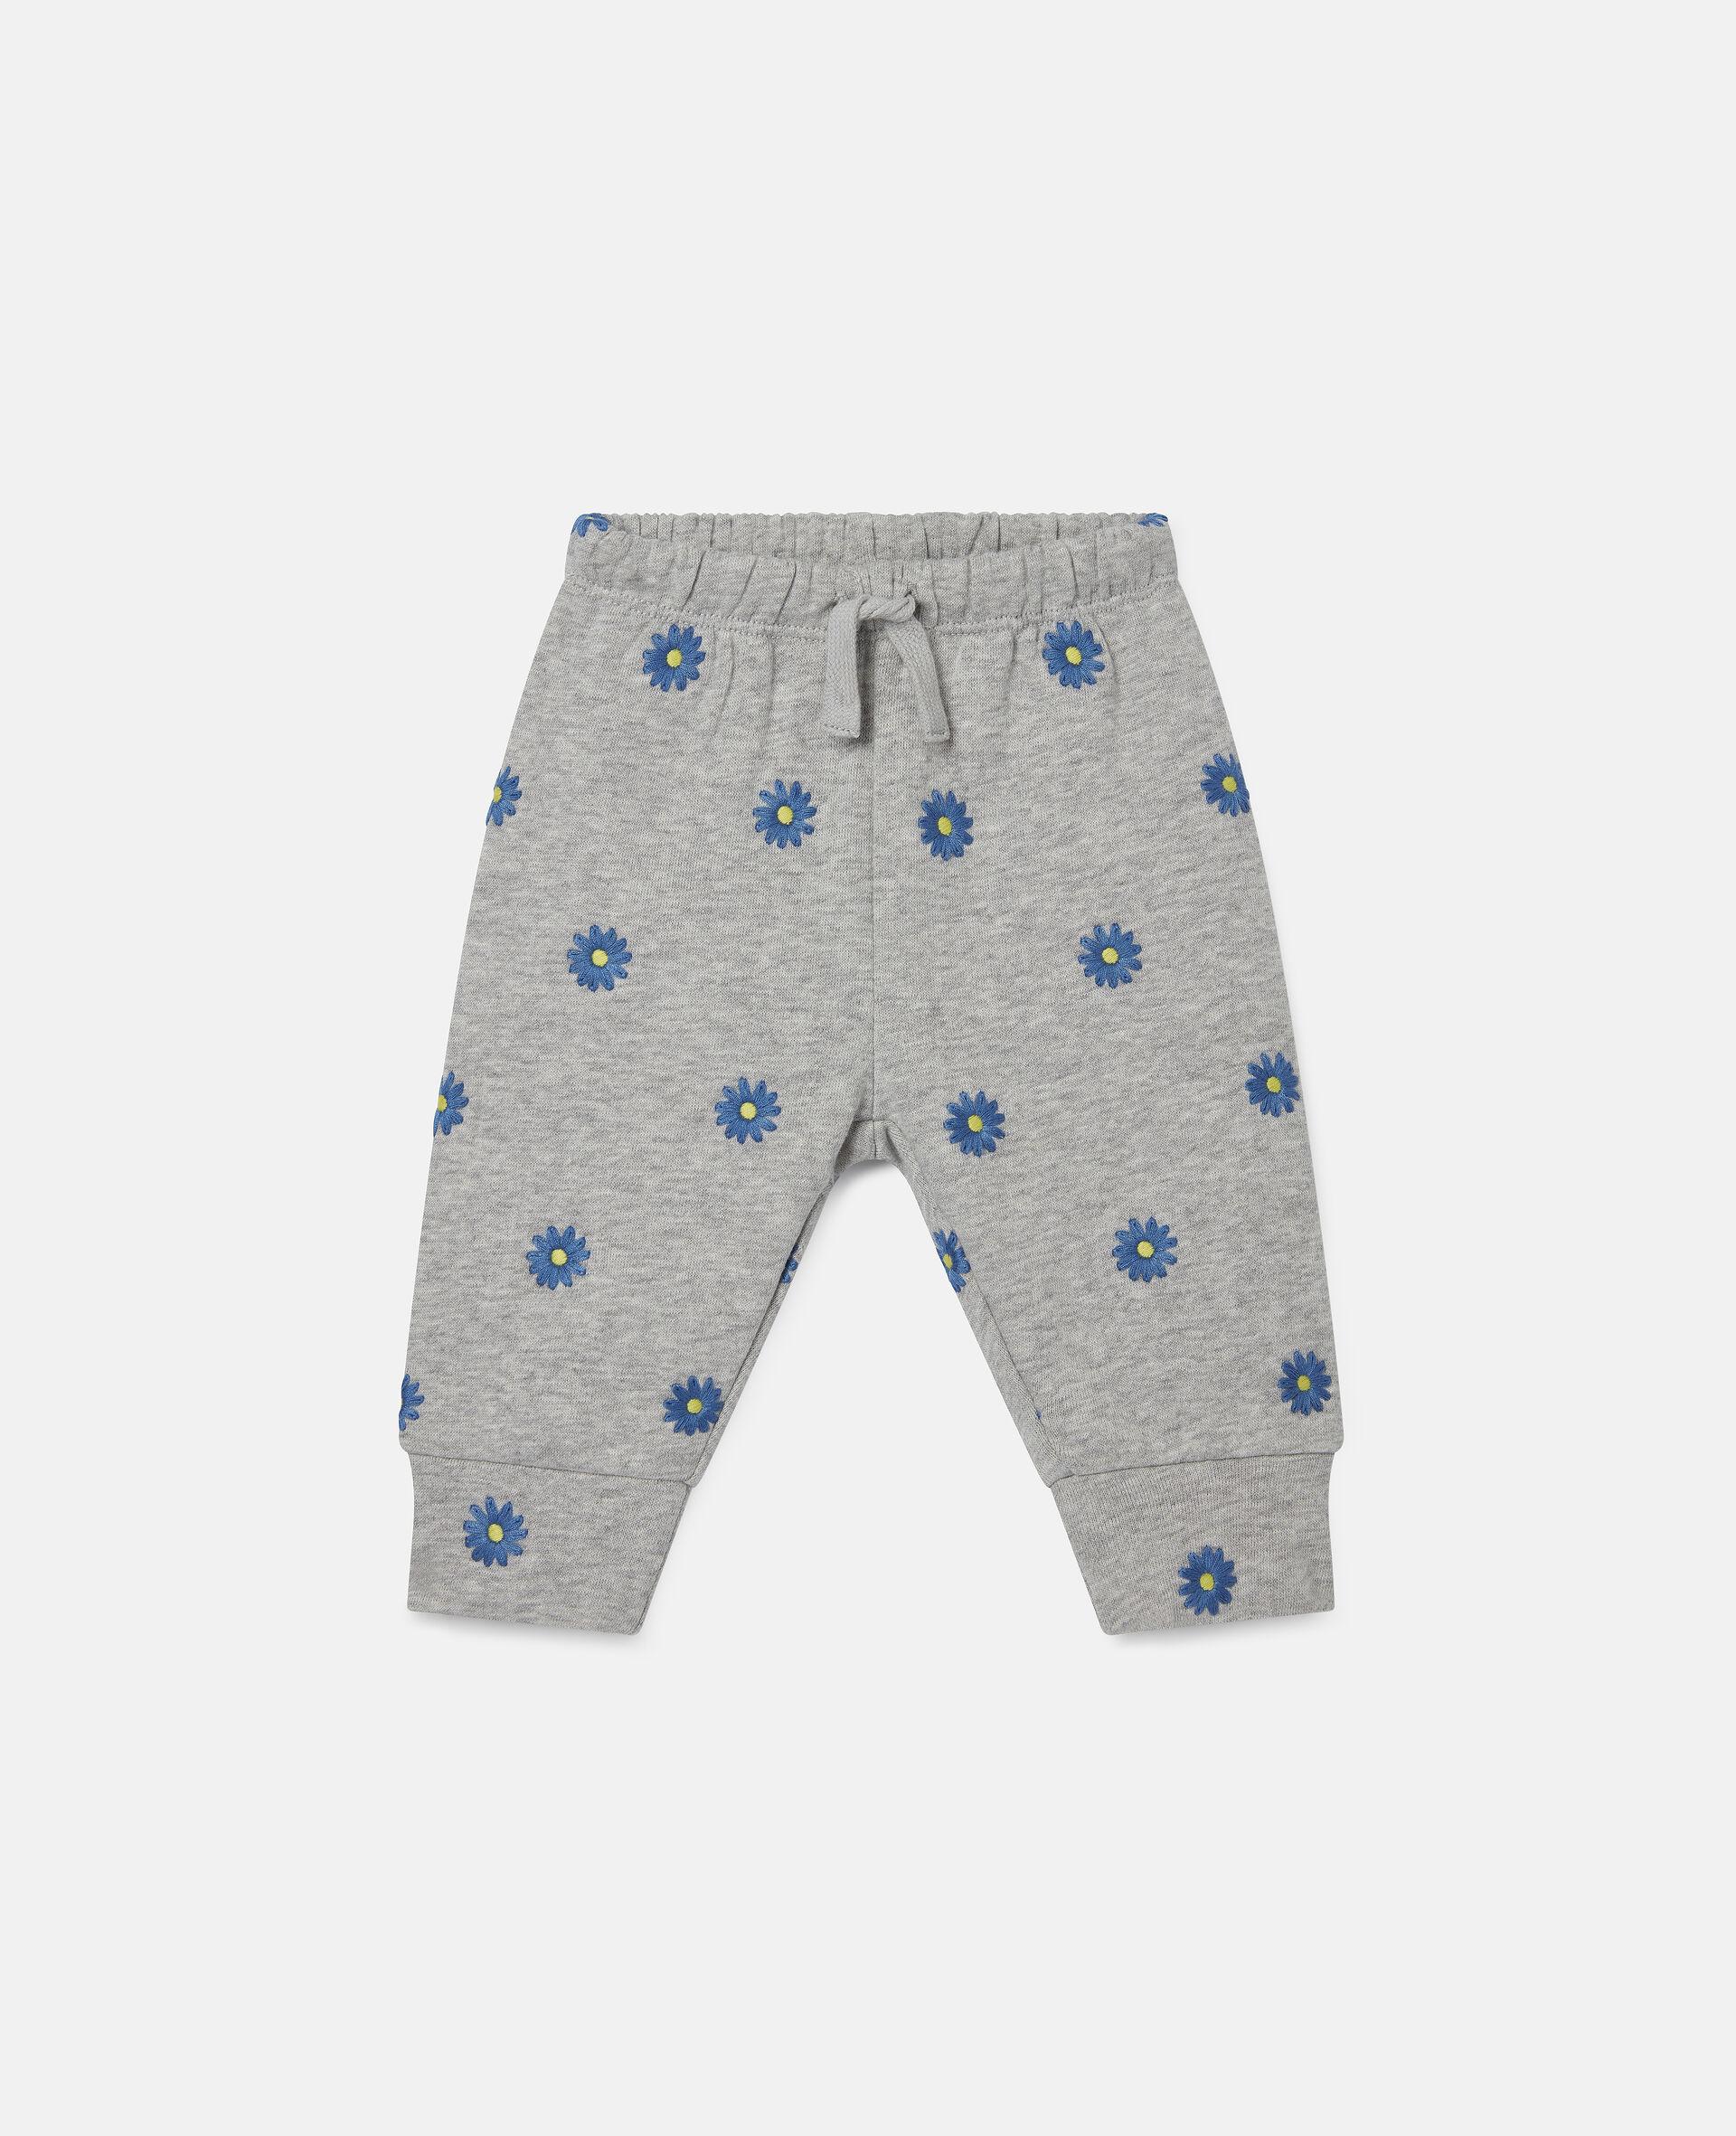 Pantalon de jogging en polaire de coton à marguerites brodées-Gris-large image number 0